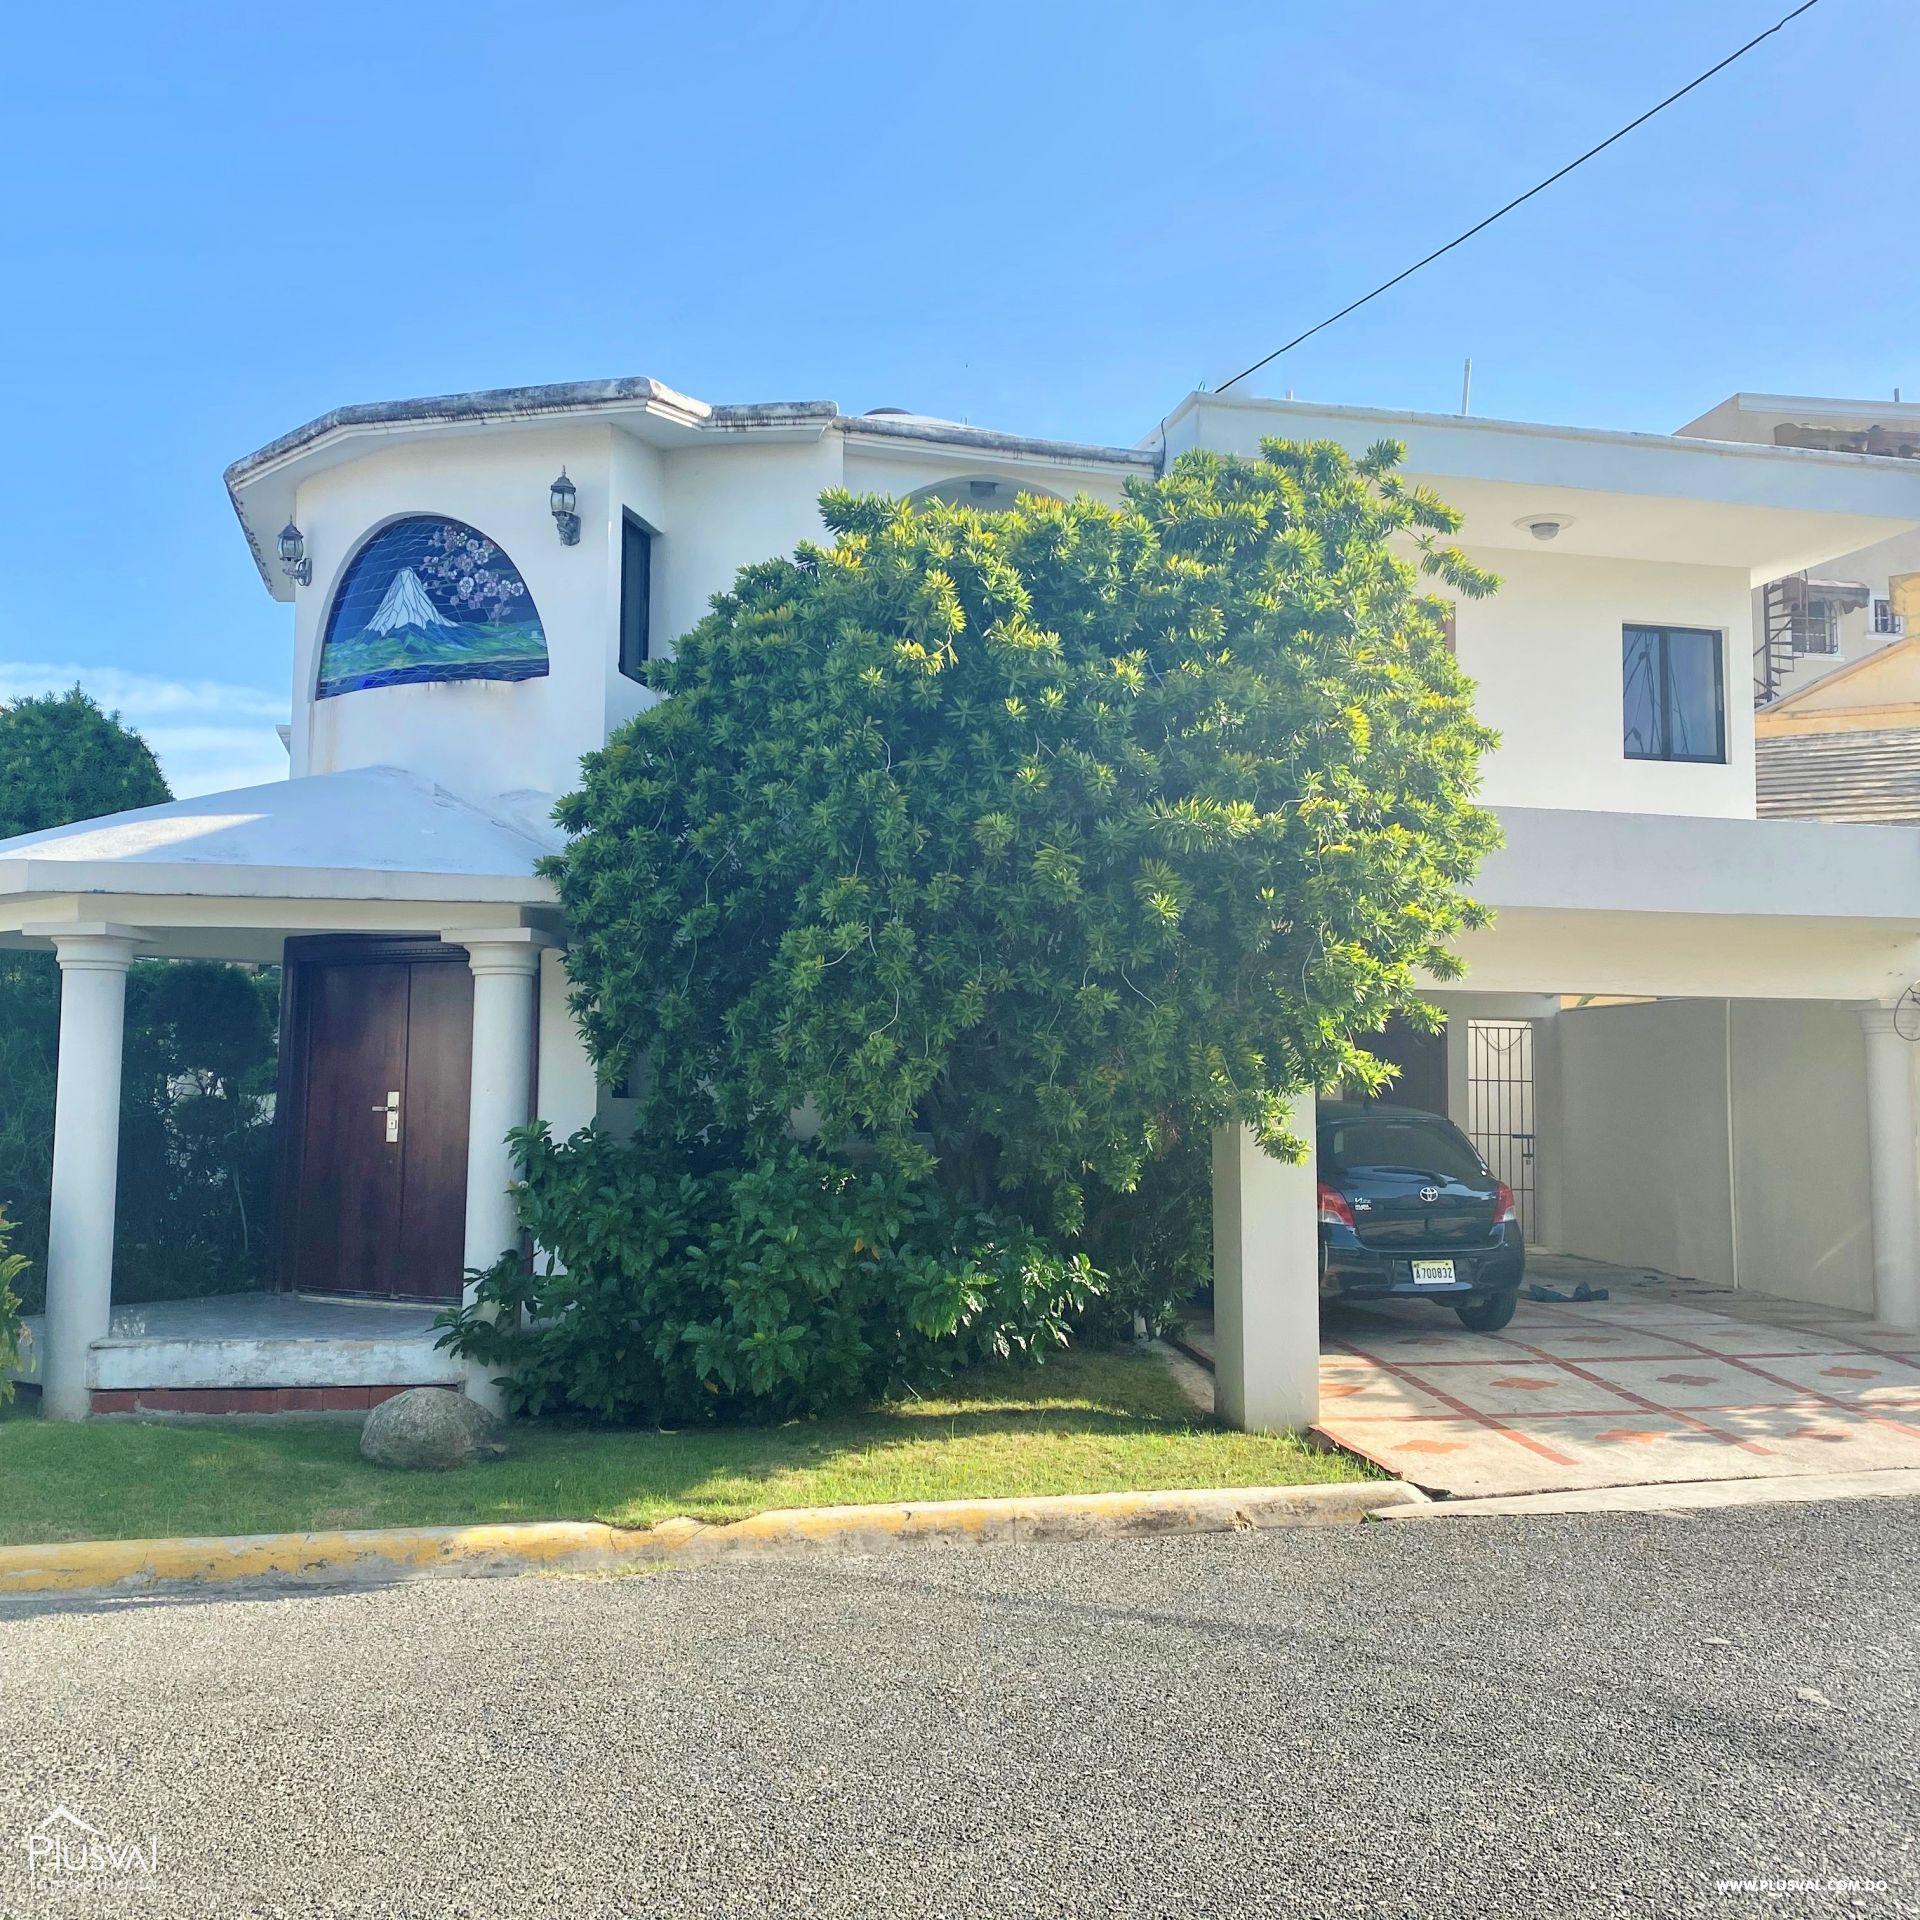 Casa en Venta de Dos Niveles en la Autopista San Isidro 151128